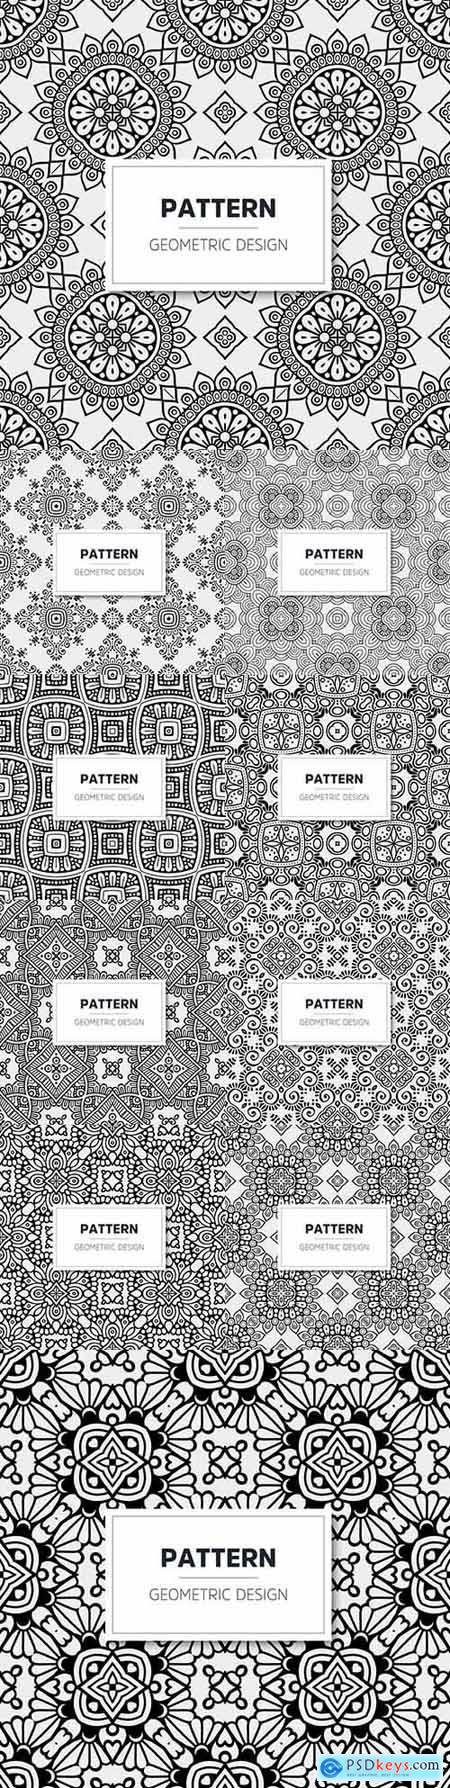 Luxurious mandala pattern geometric design